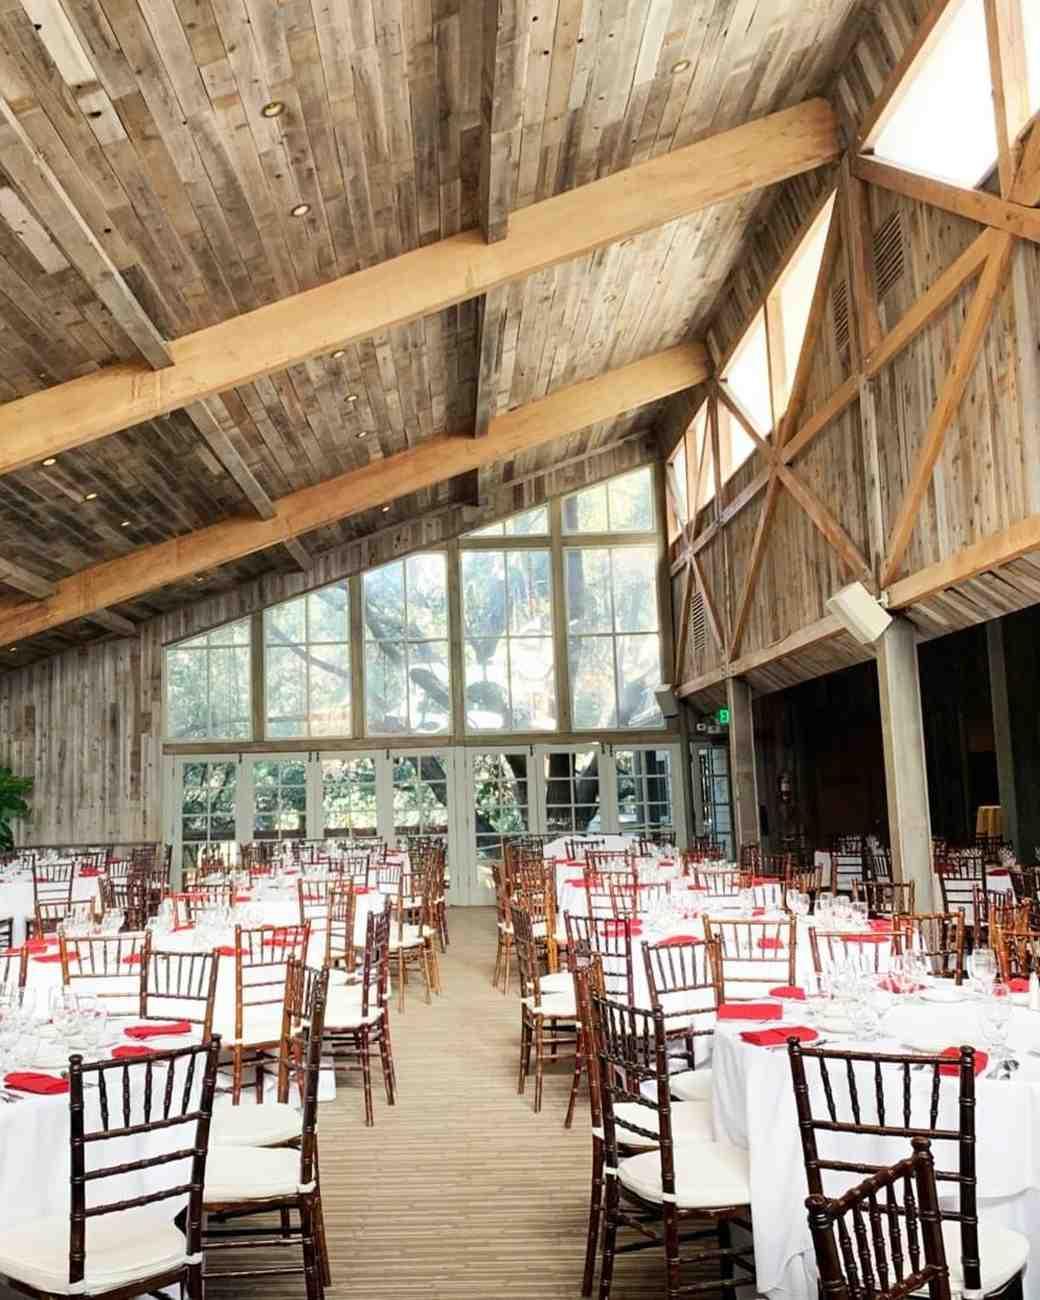 calamigos ranch interior